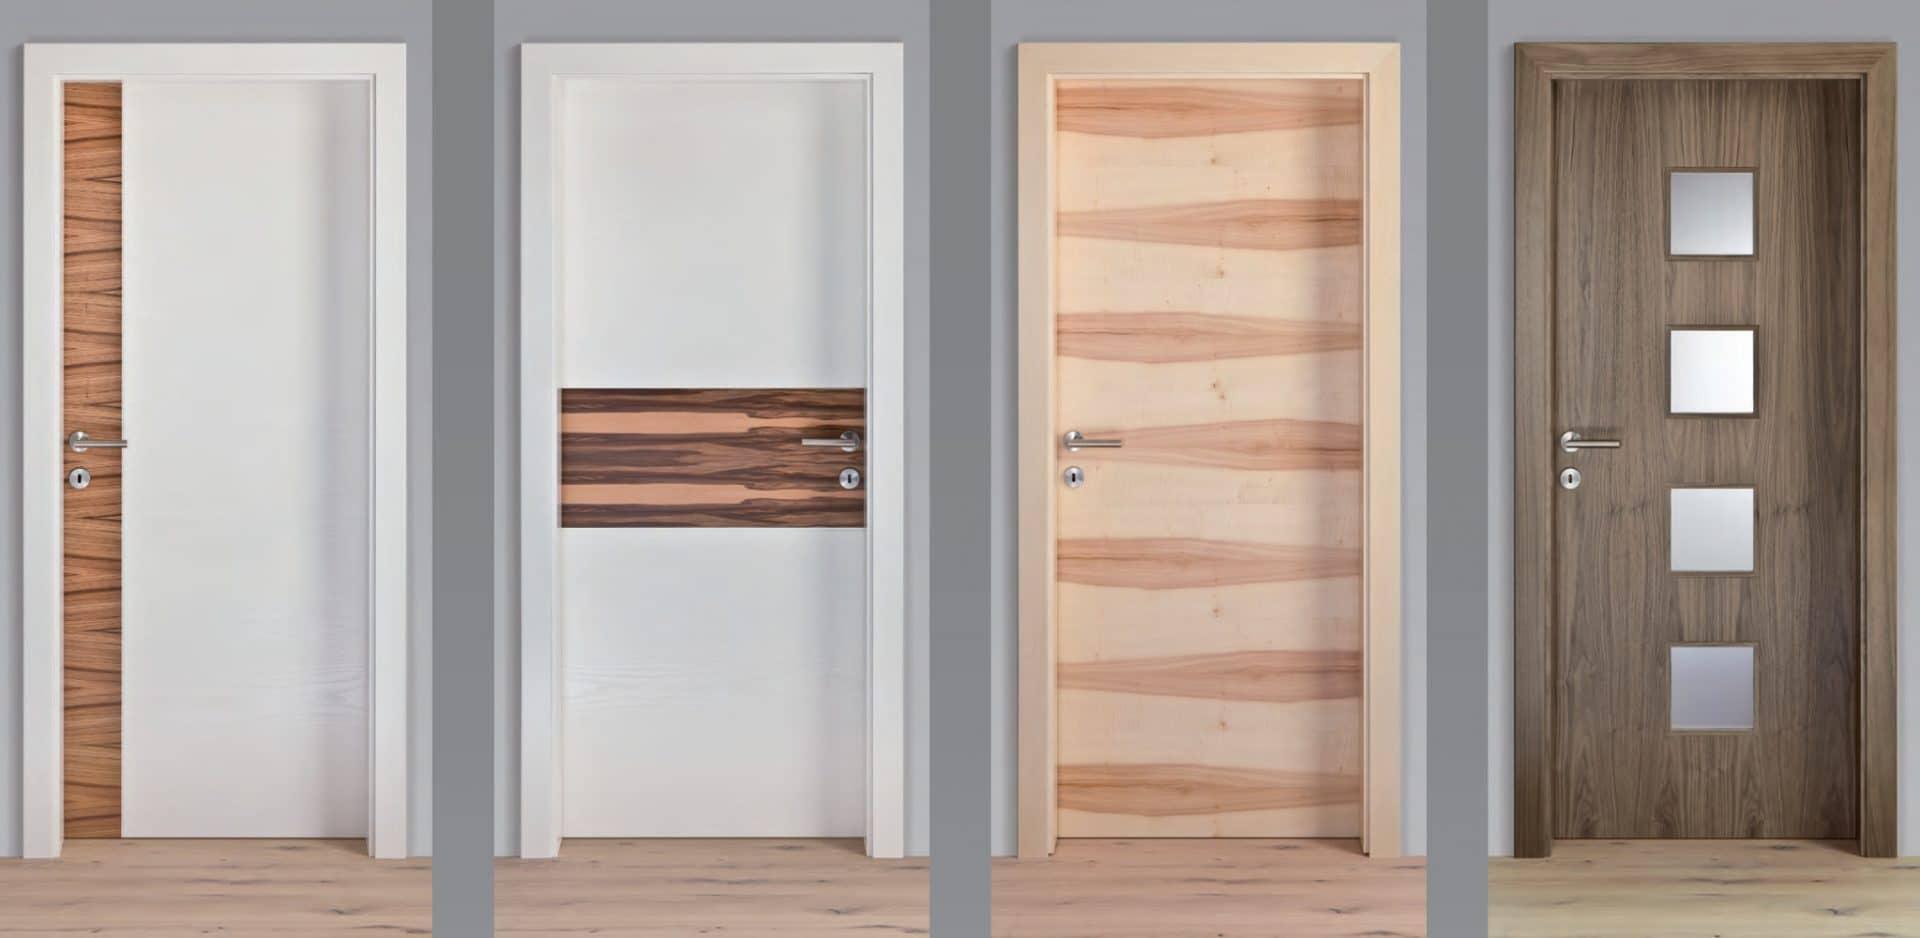 fenster t ren treppen bruno berger gmbh. Black Bedroom Furniture Sets. Home Design Ideas